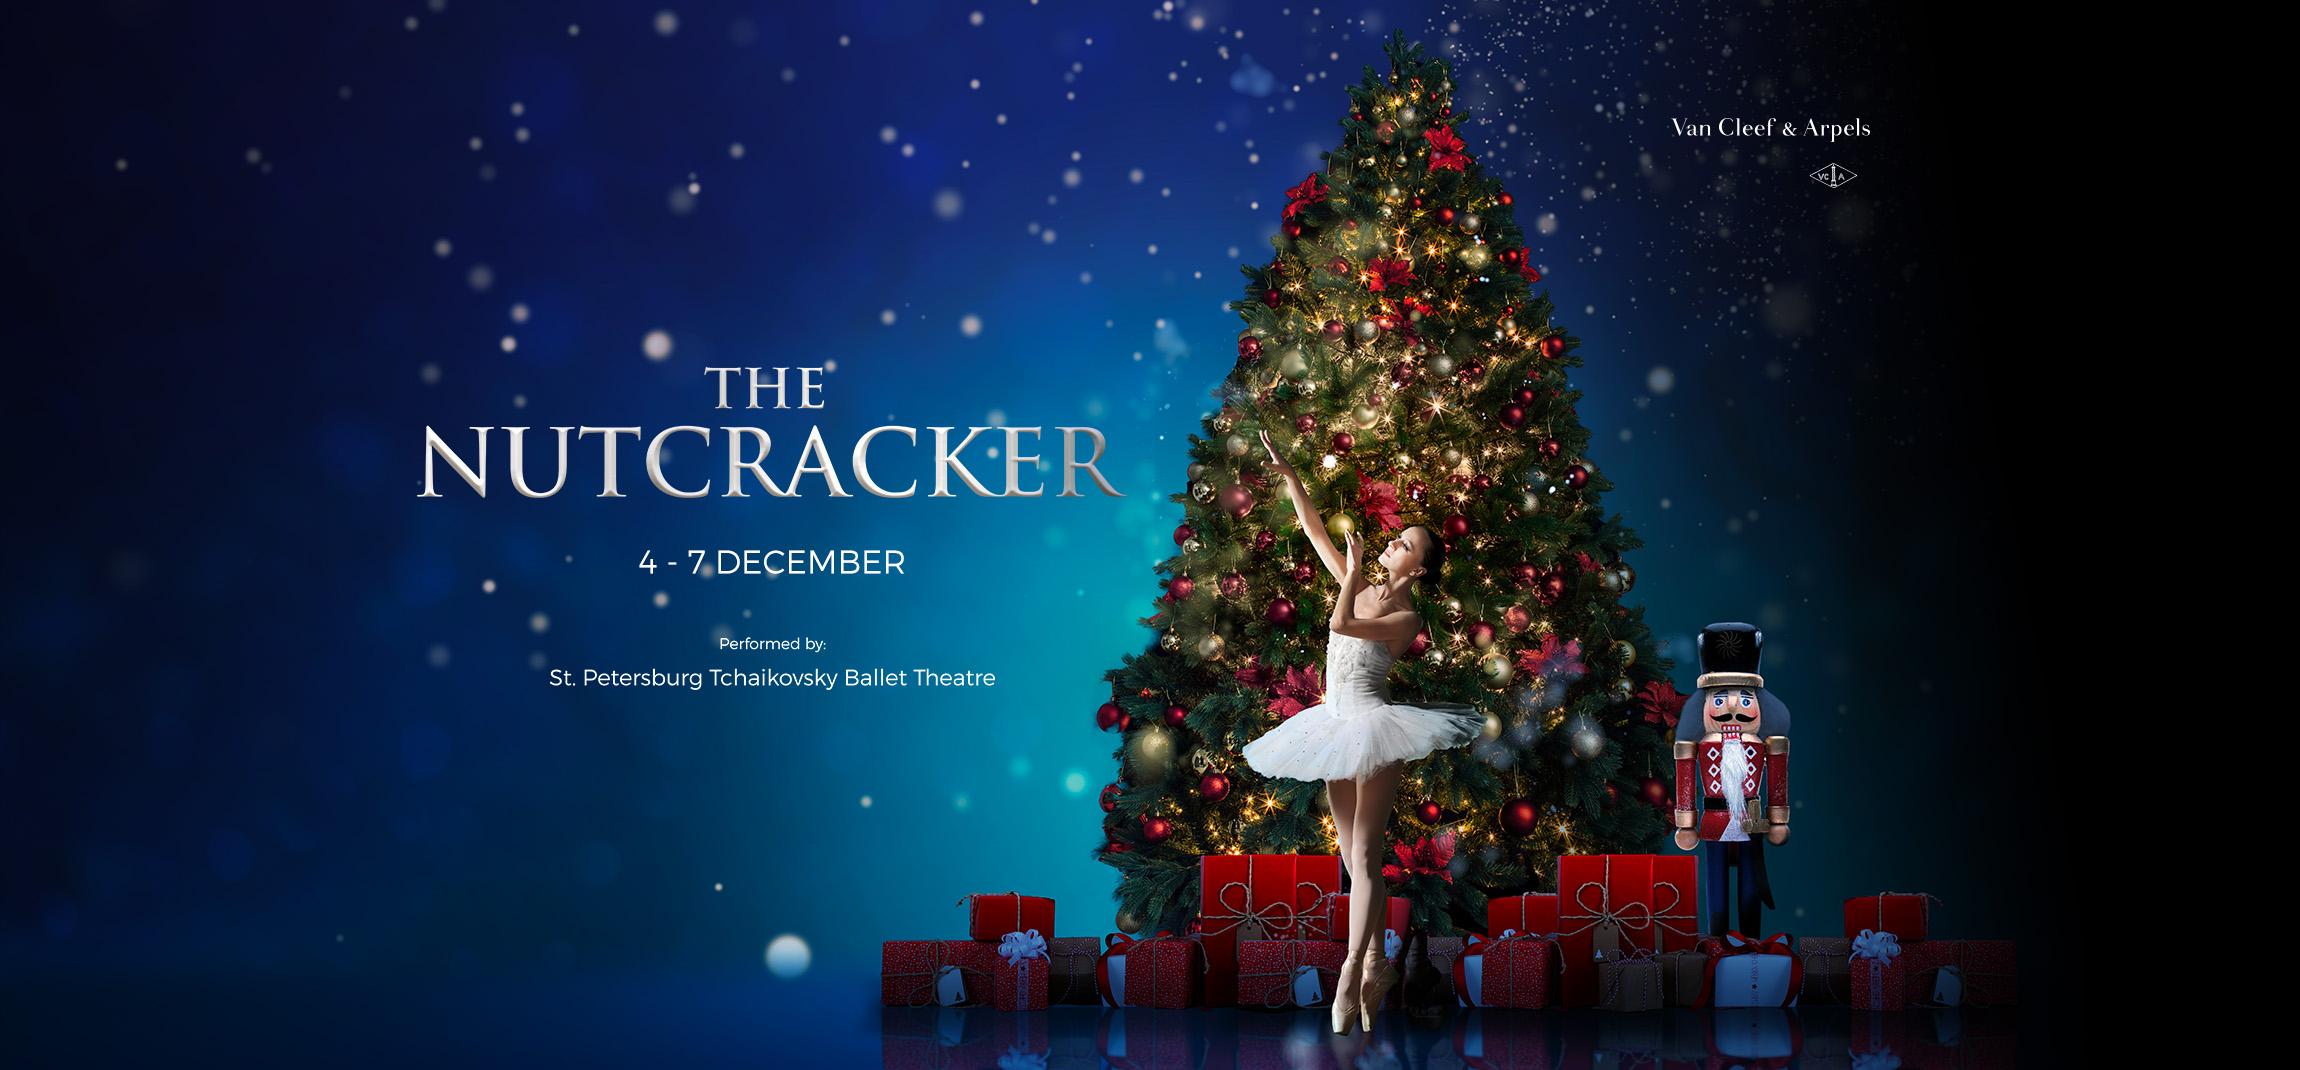 The Nutcracker Ballet at Dubai Opera 2019